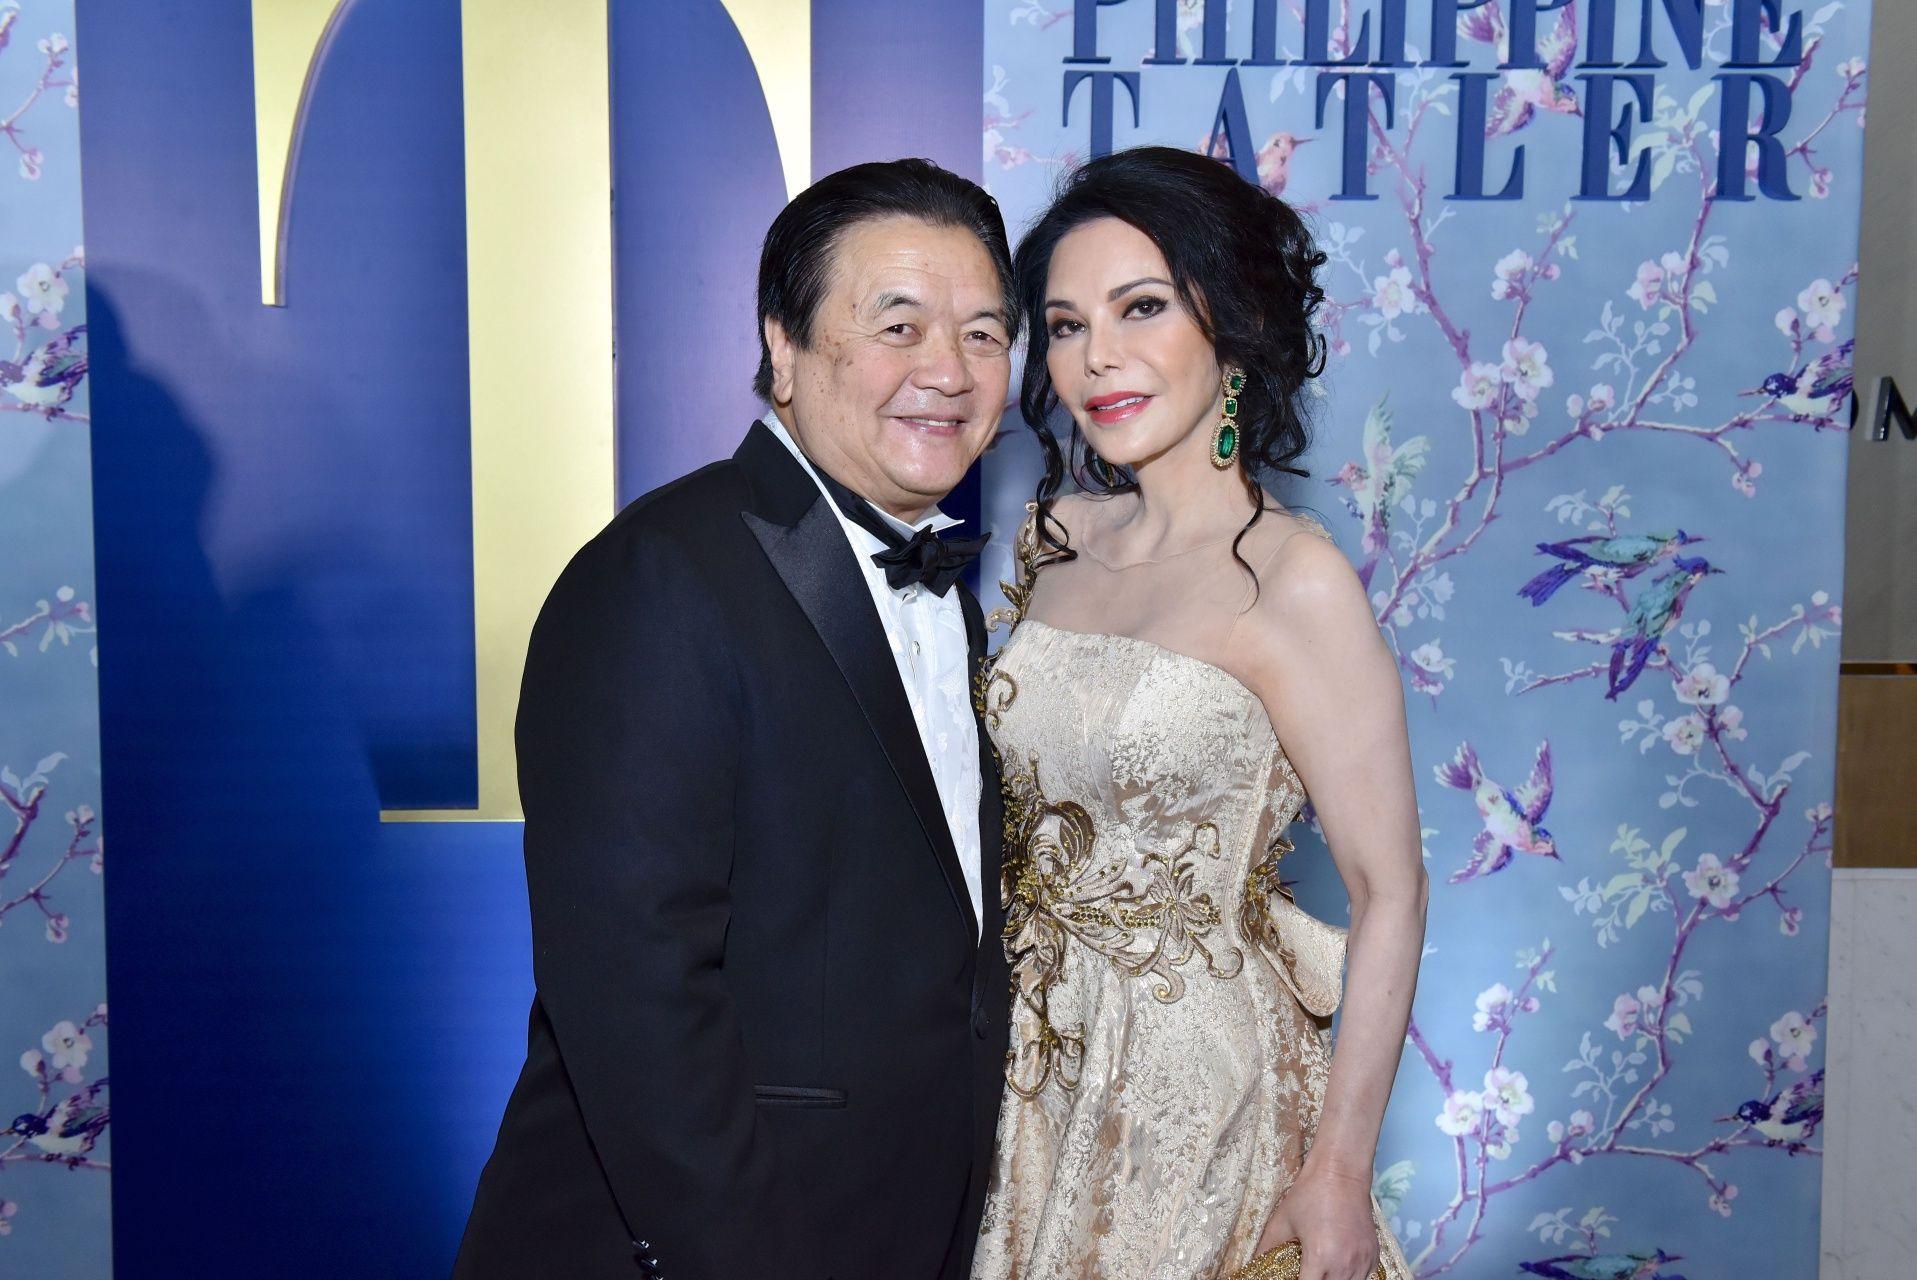 Philip and Ching Cruz